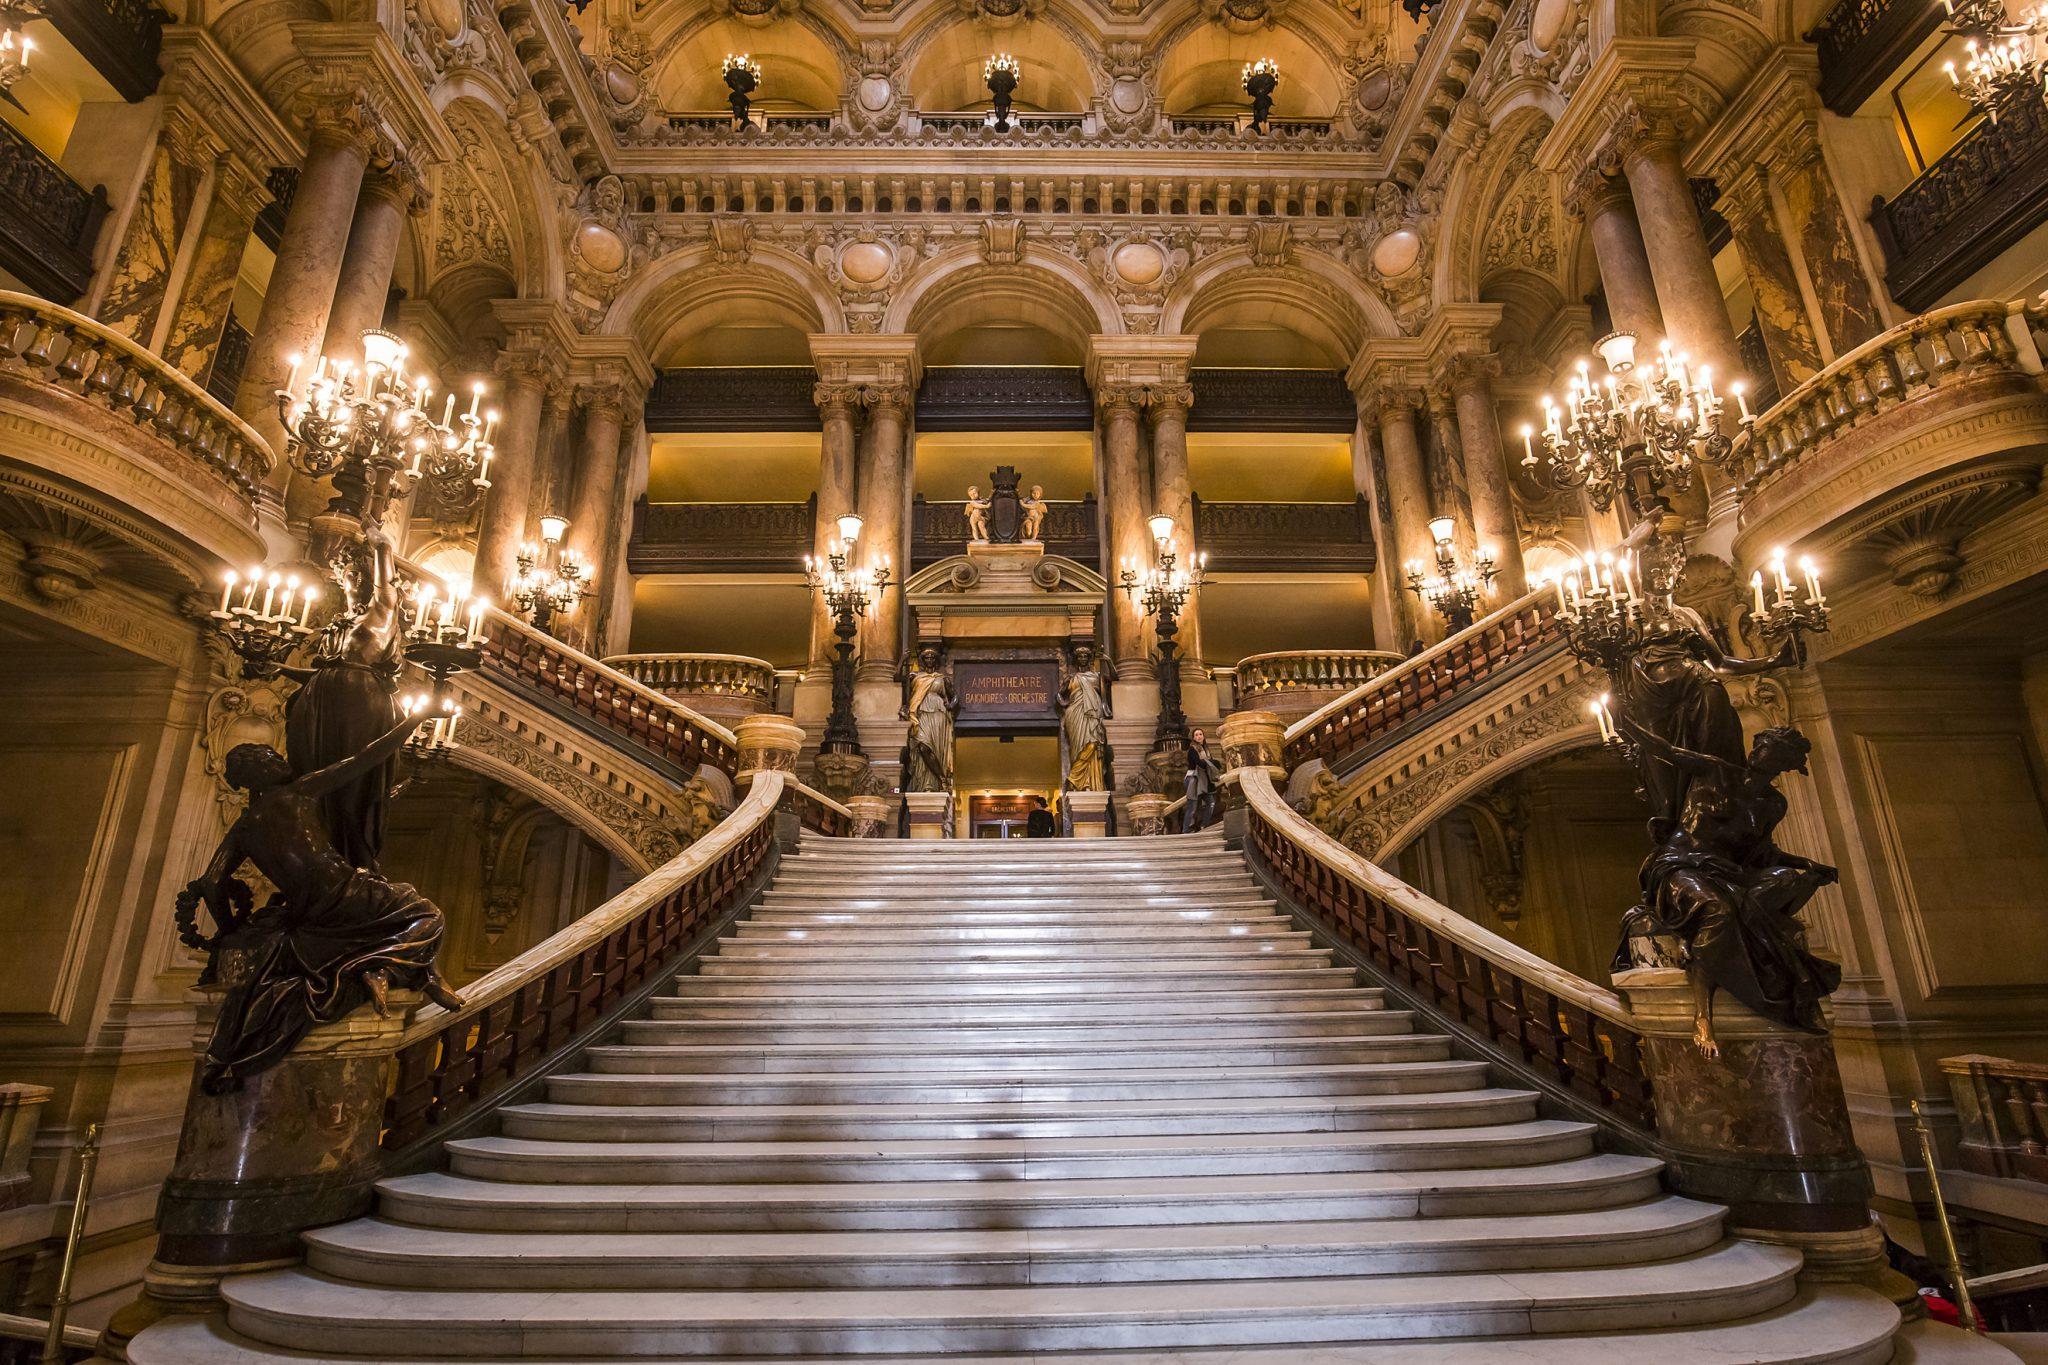 bigstock The Palais Garnier Opera Of P 182530780 - Ecos de Paris II, O Fantasma das nossas Óperas, Paris está a arder